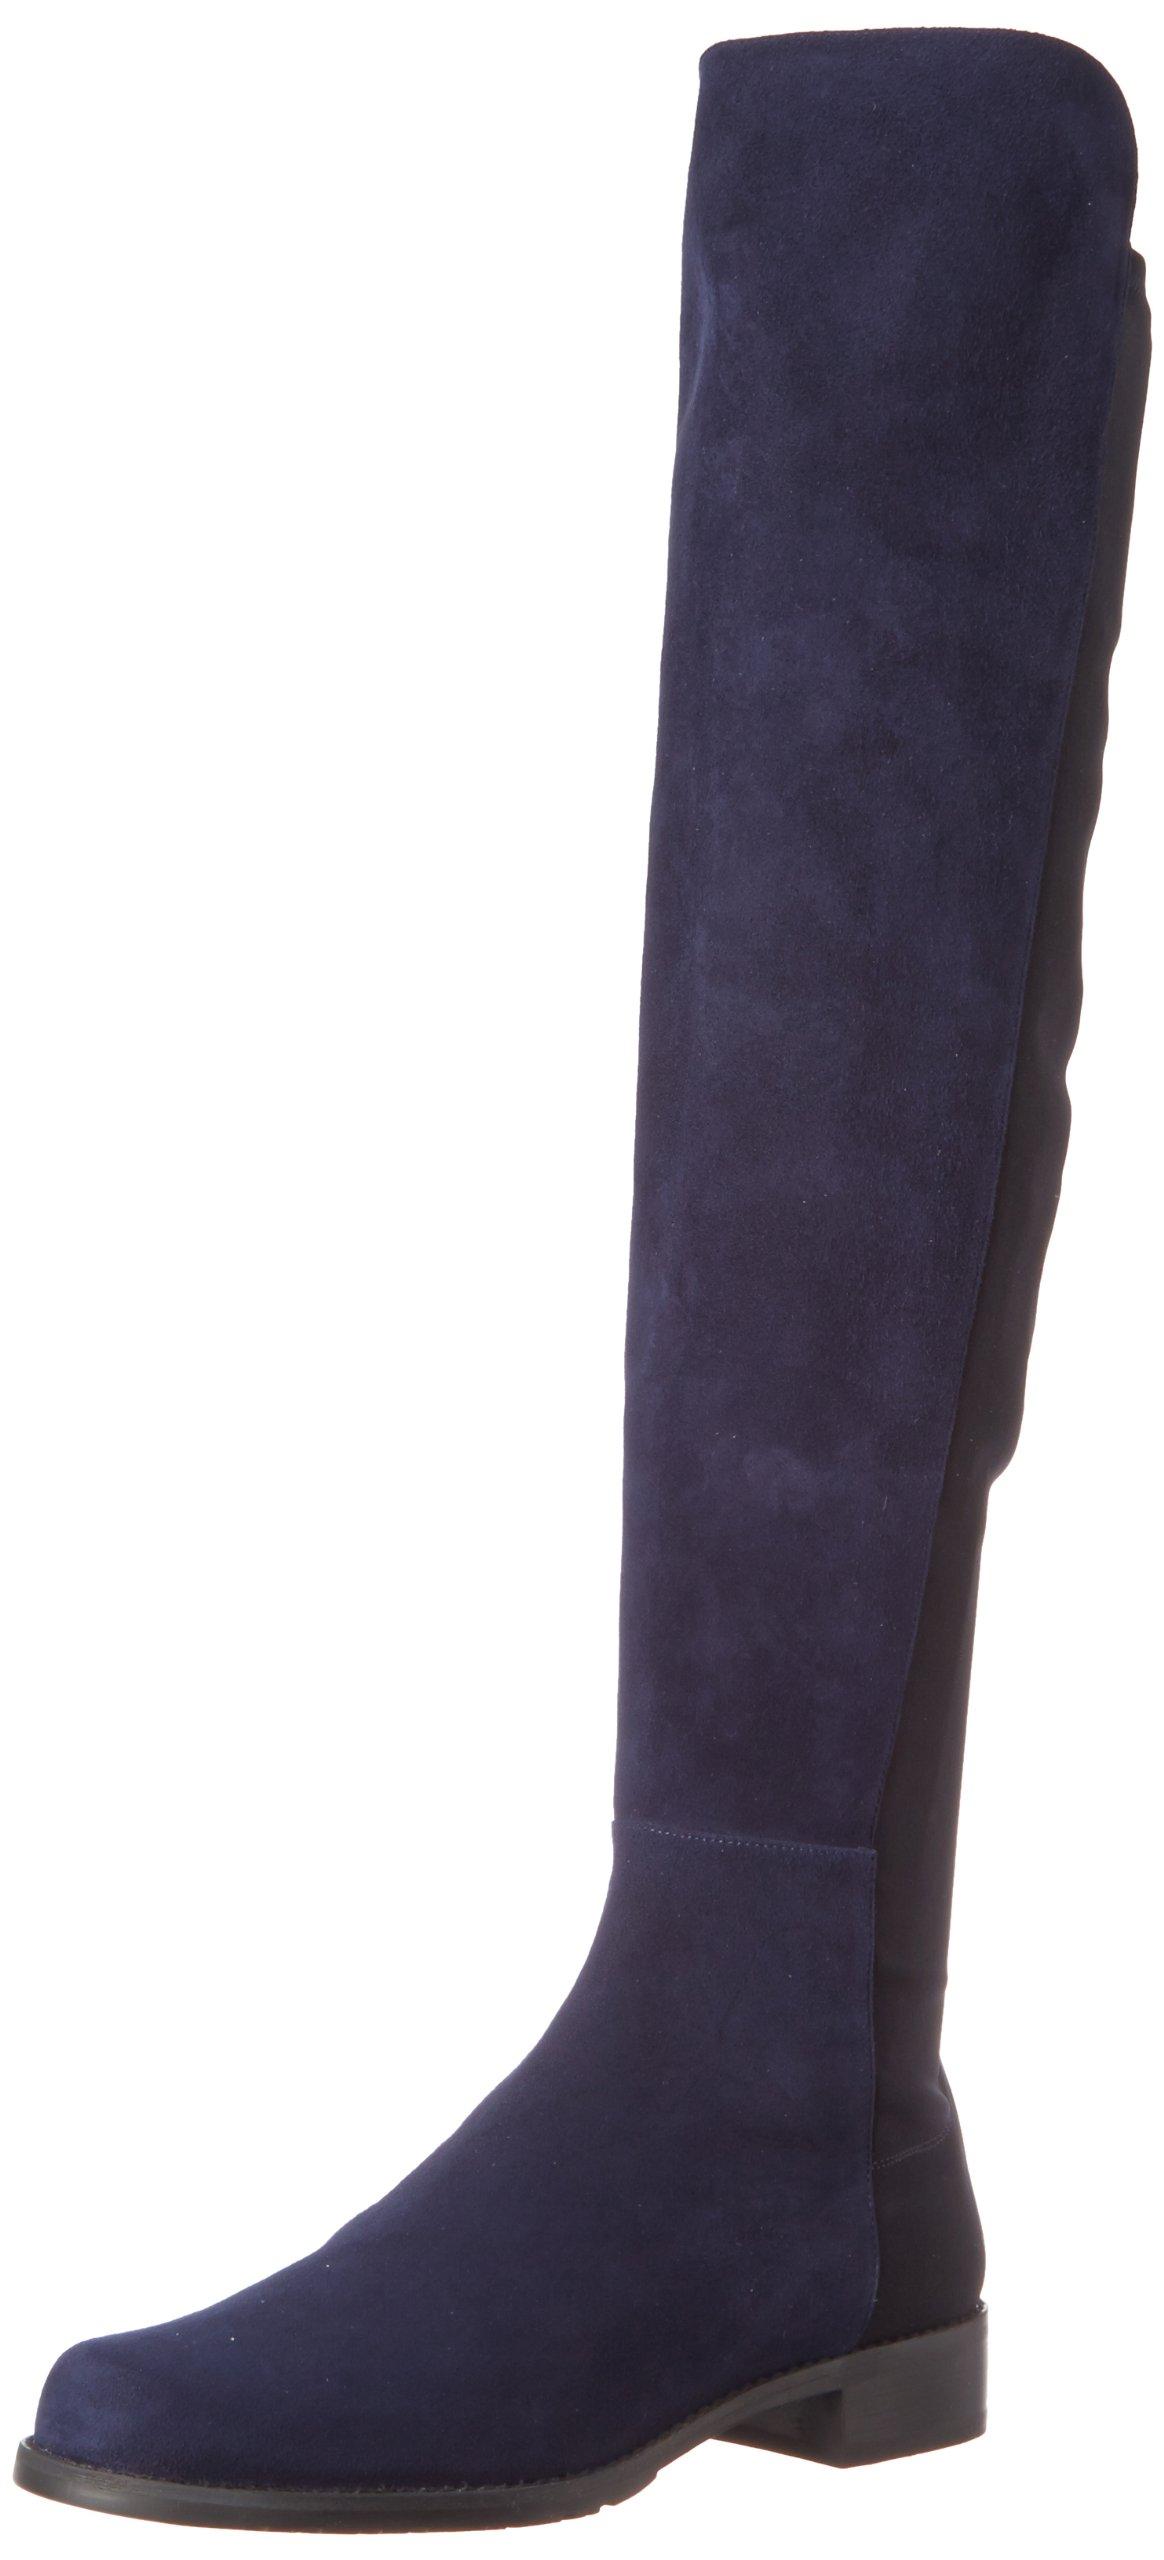 Stuart Weitzman Women's 5050 Over-the-Knee Boot,Nice Blue,7 M US